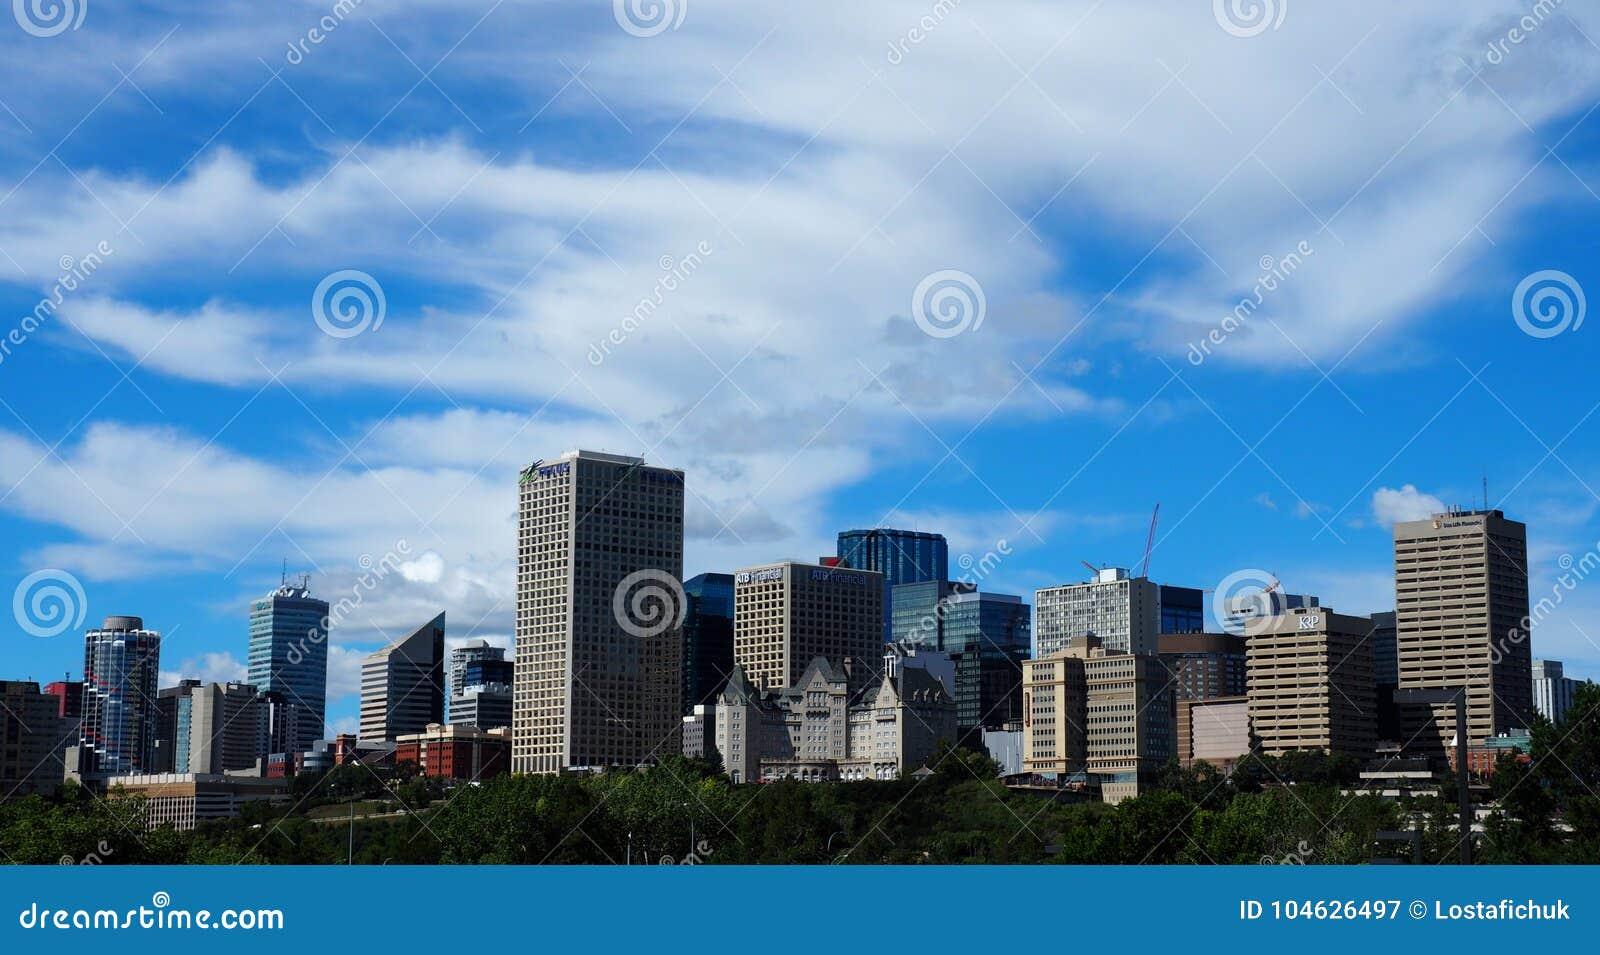 Download Edmonton Alberta Skyline With Clouds Redactionele Fotografie - Afbeelding bestaande uit ondernemingen, alberta: 104626497